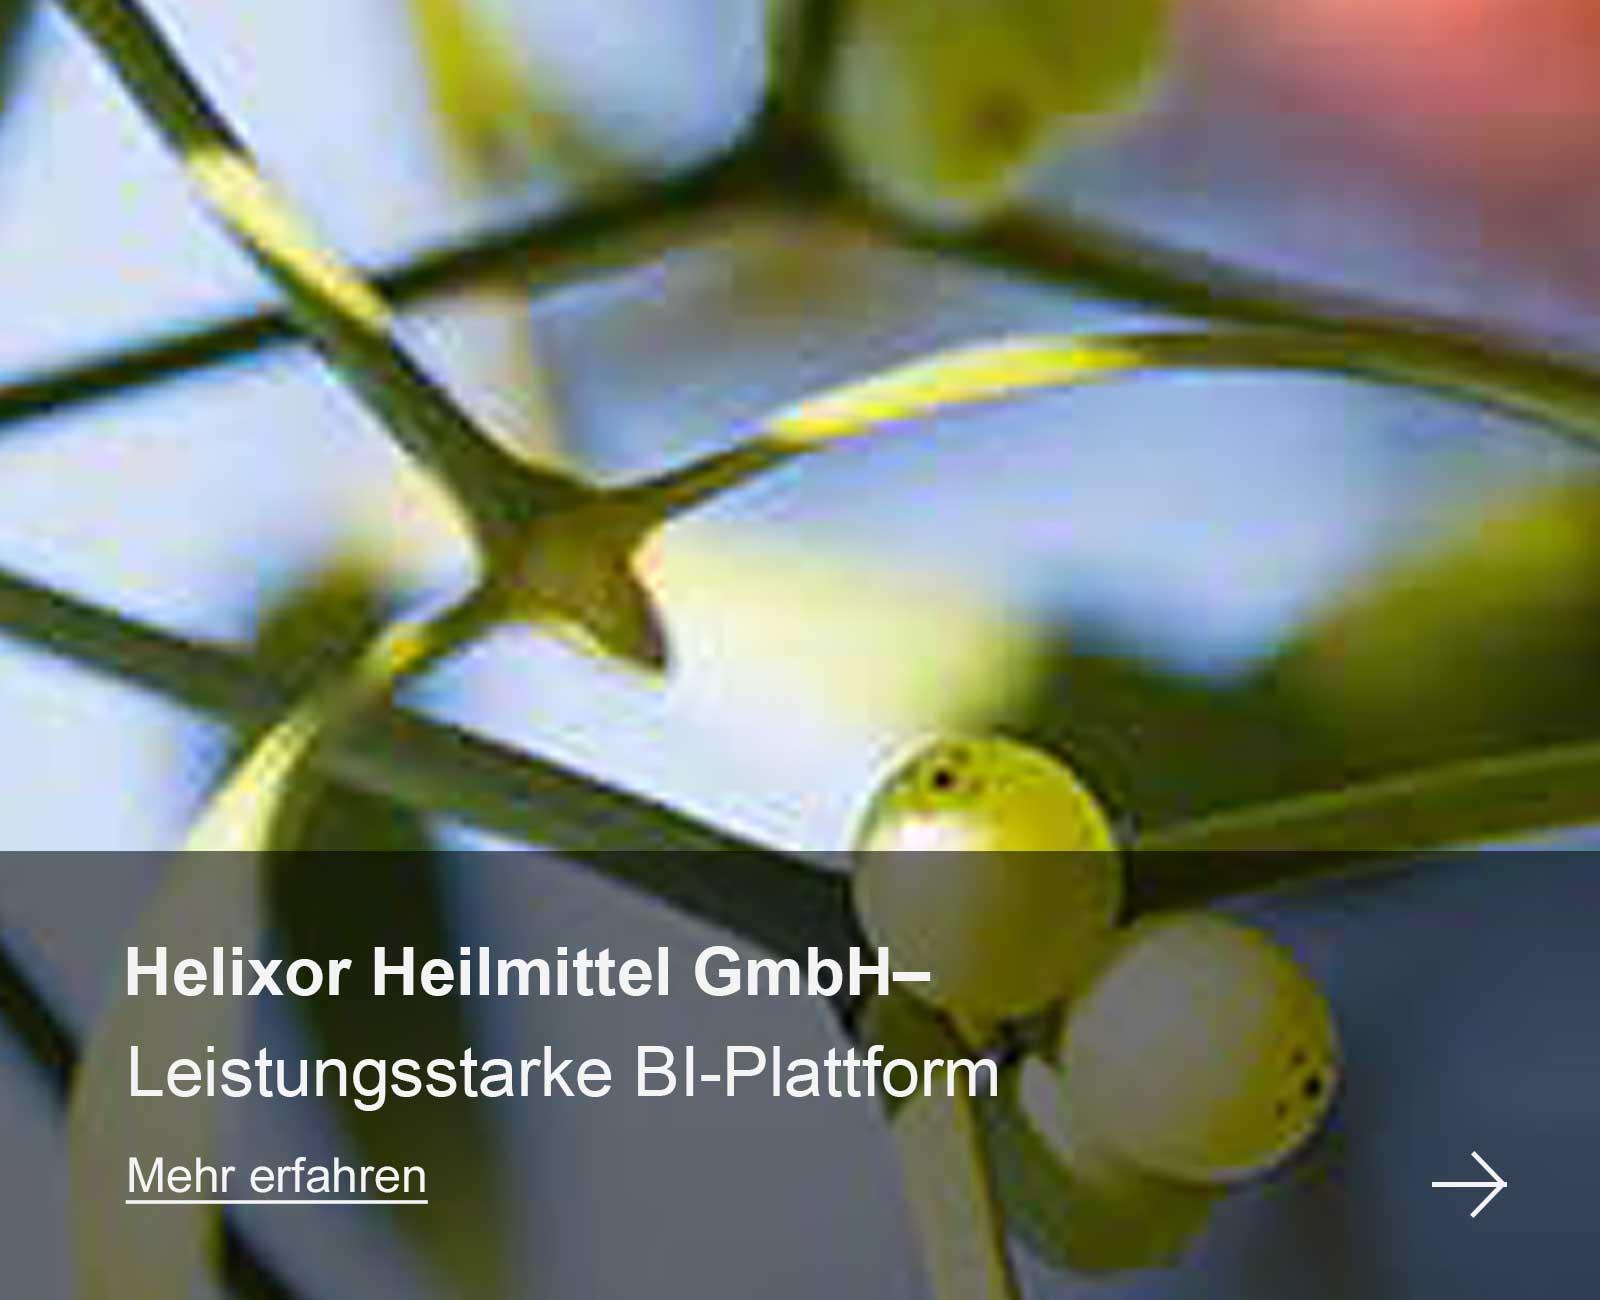 Helixor Heilmittel GmbH– Leistungsstarke BI-Plattform